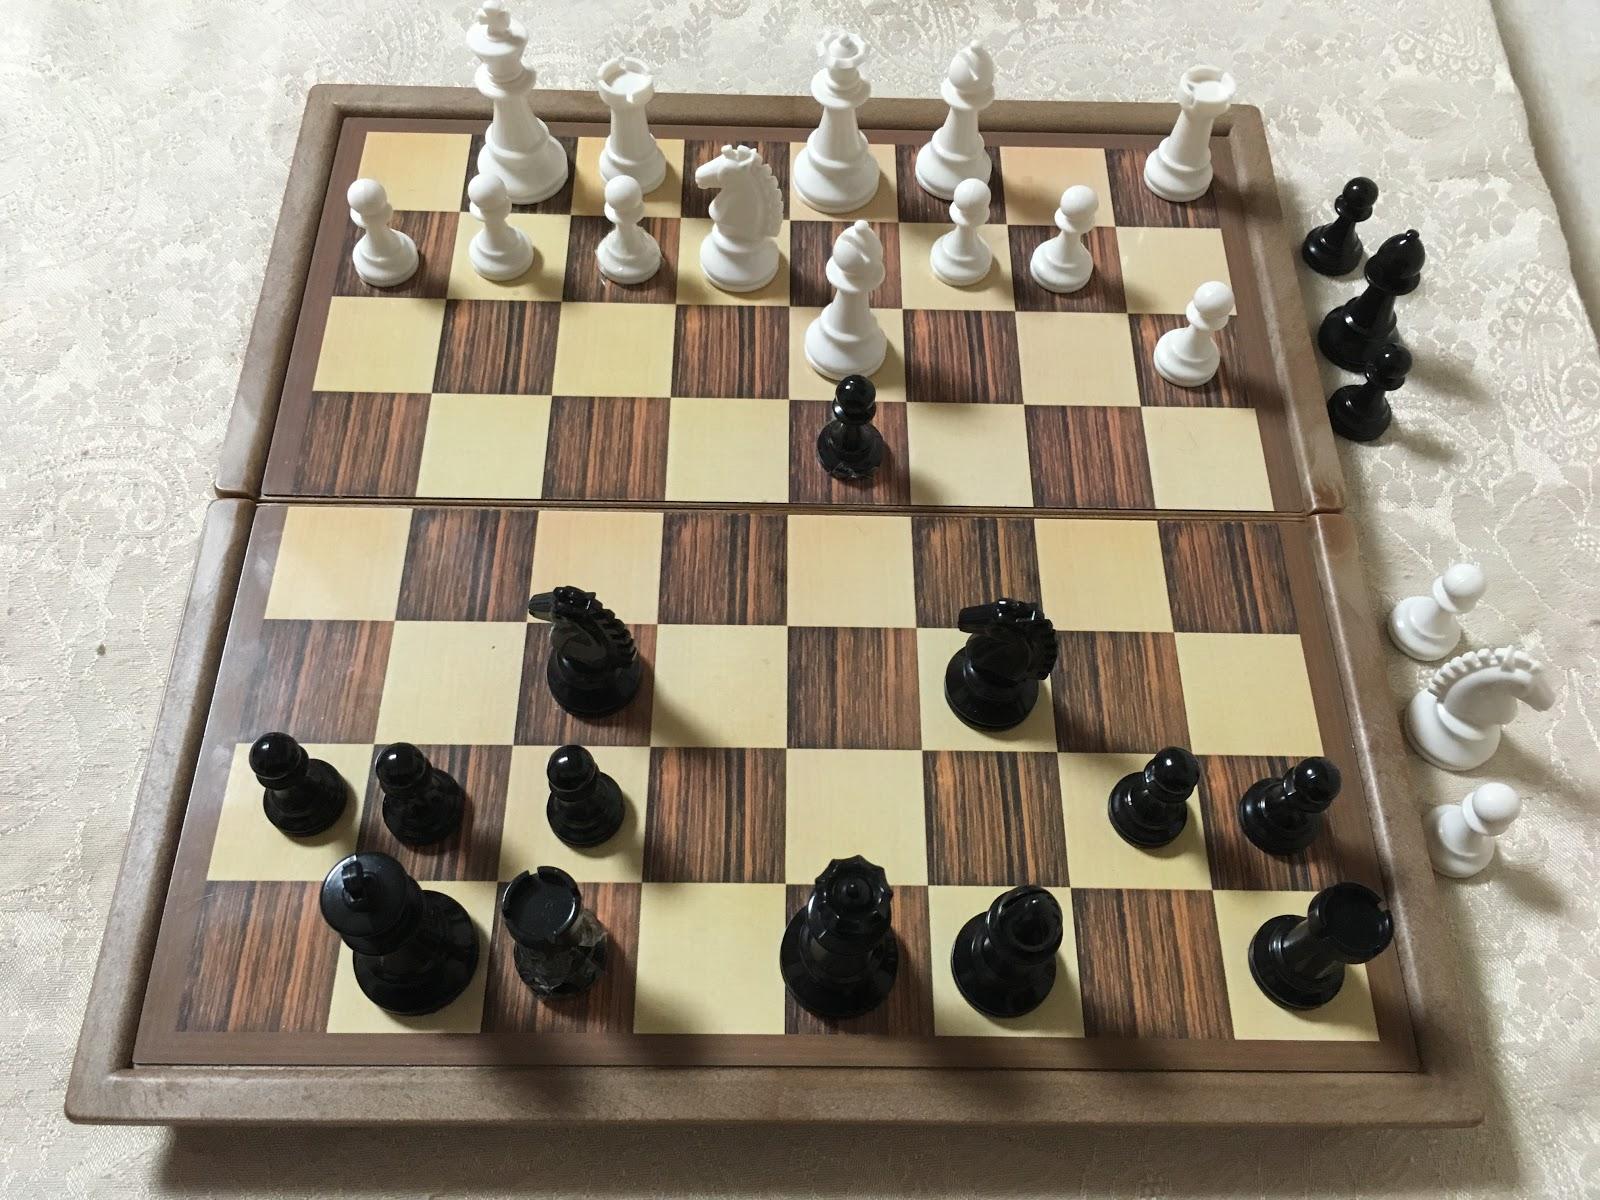 チェス初級者のオープニング集 Chess Openings of the beginner, by the beginner, for the beginners